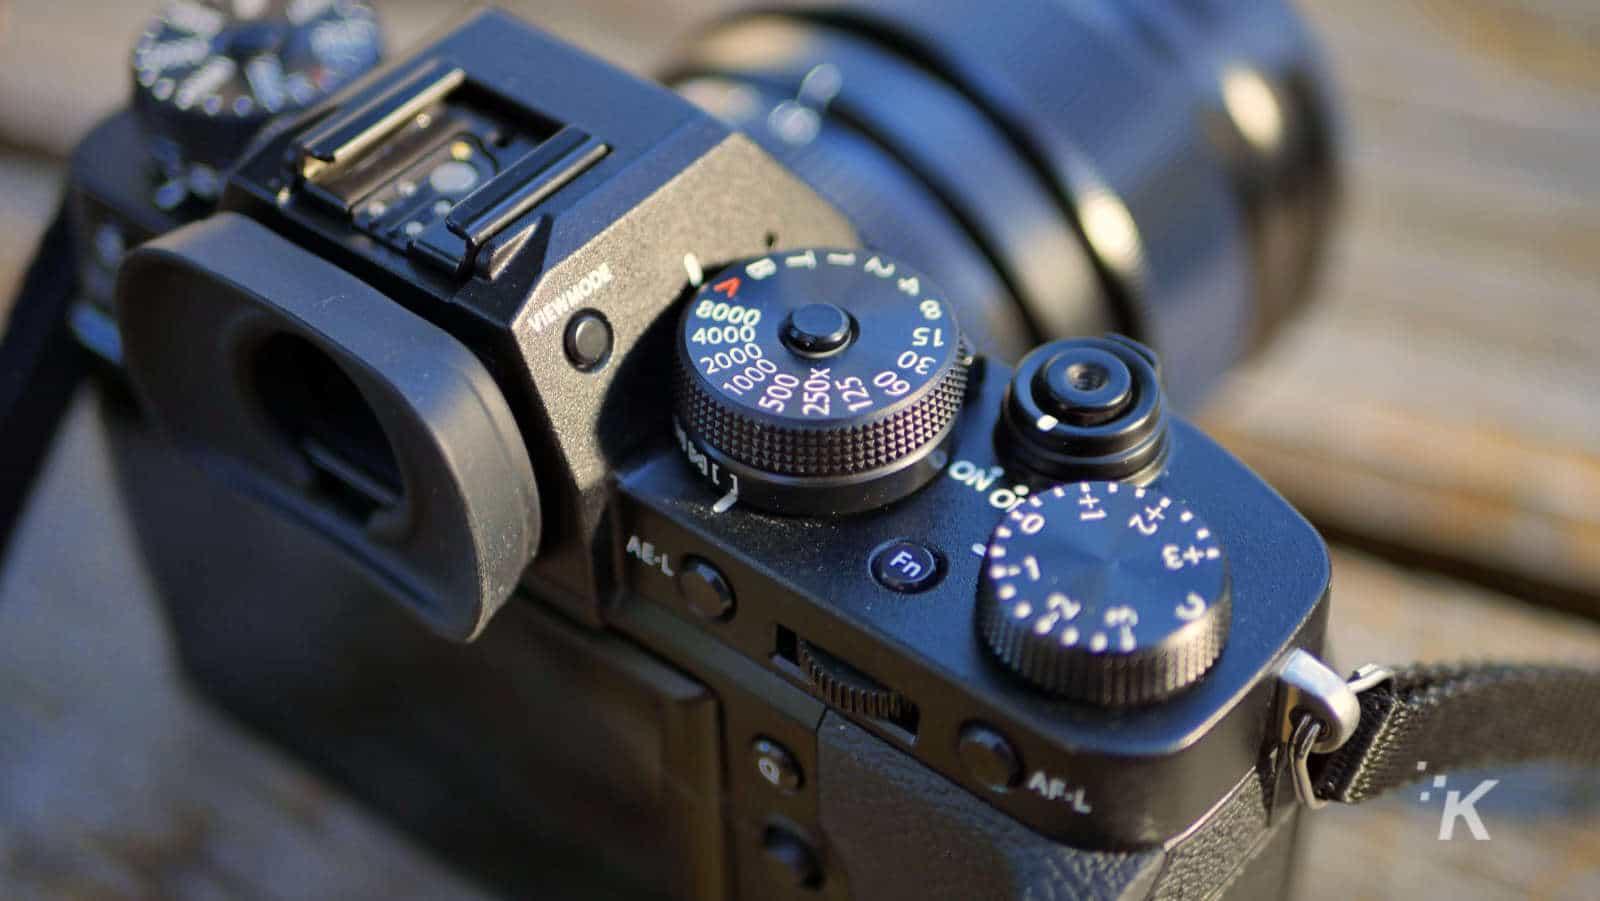 fujifilm xt3 camera